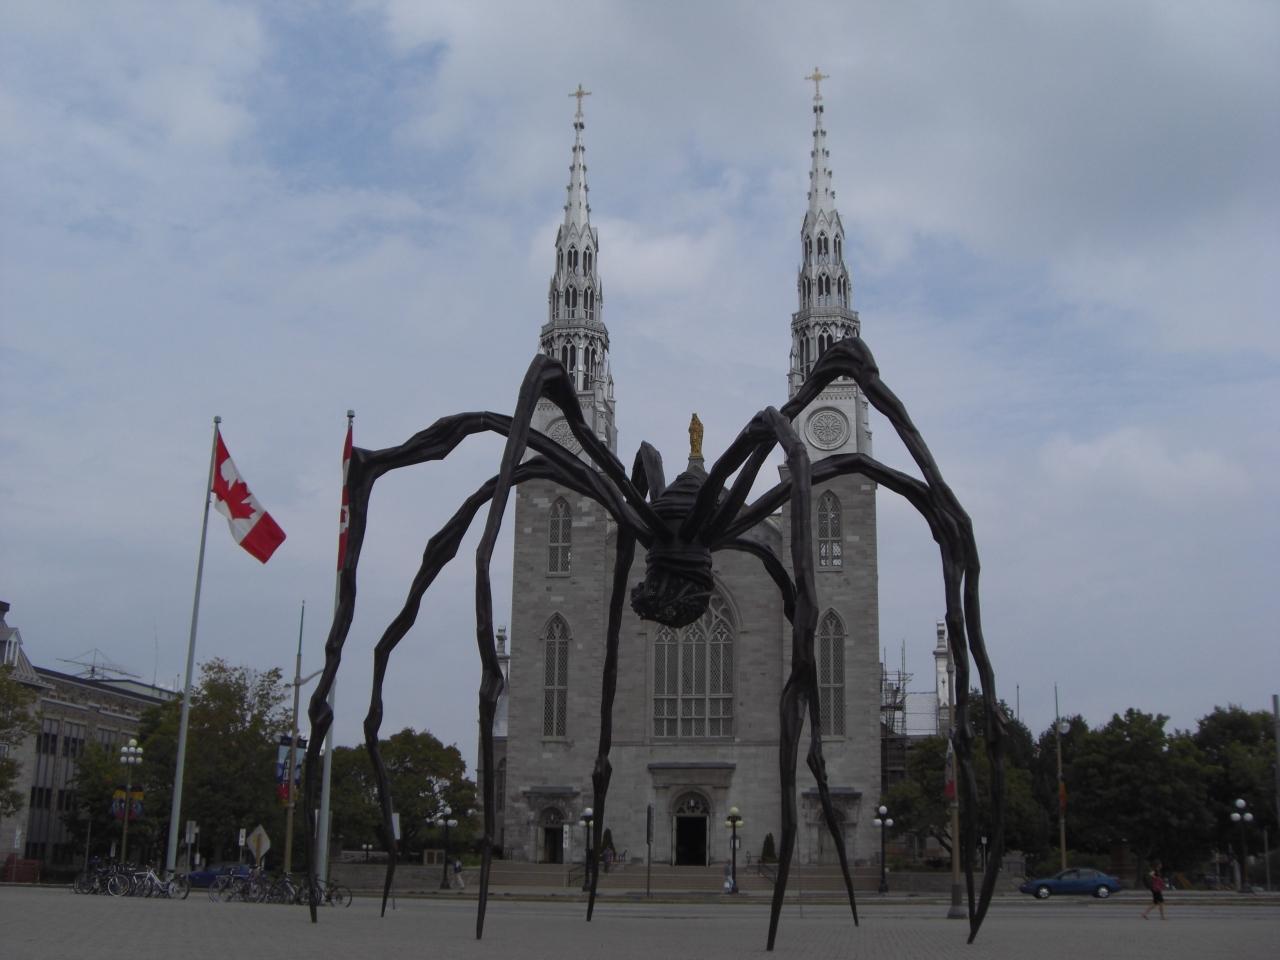 Spinne - und ich dachte, die wäre in London